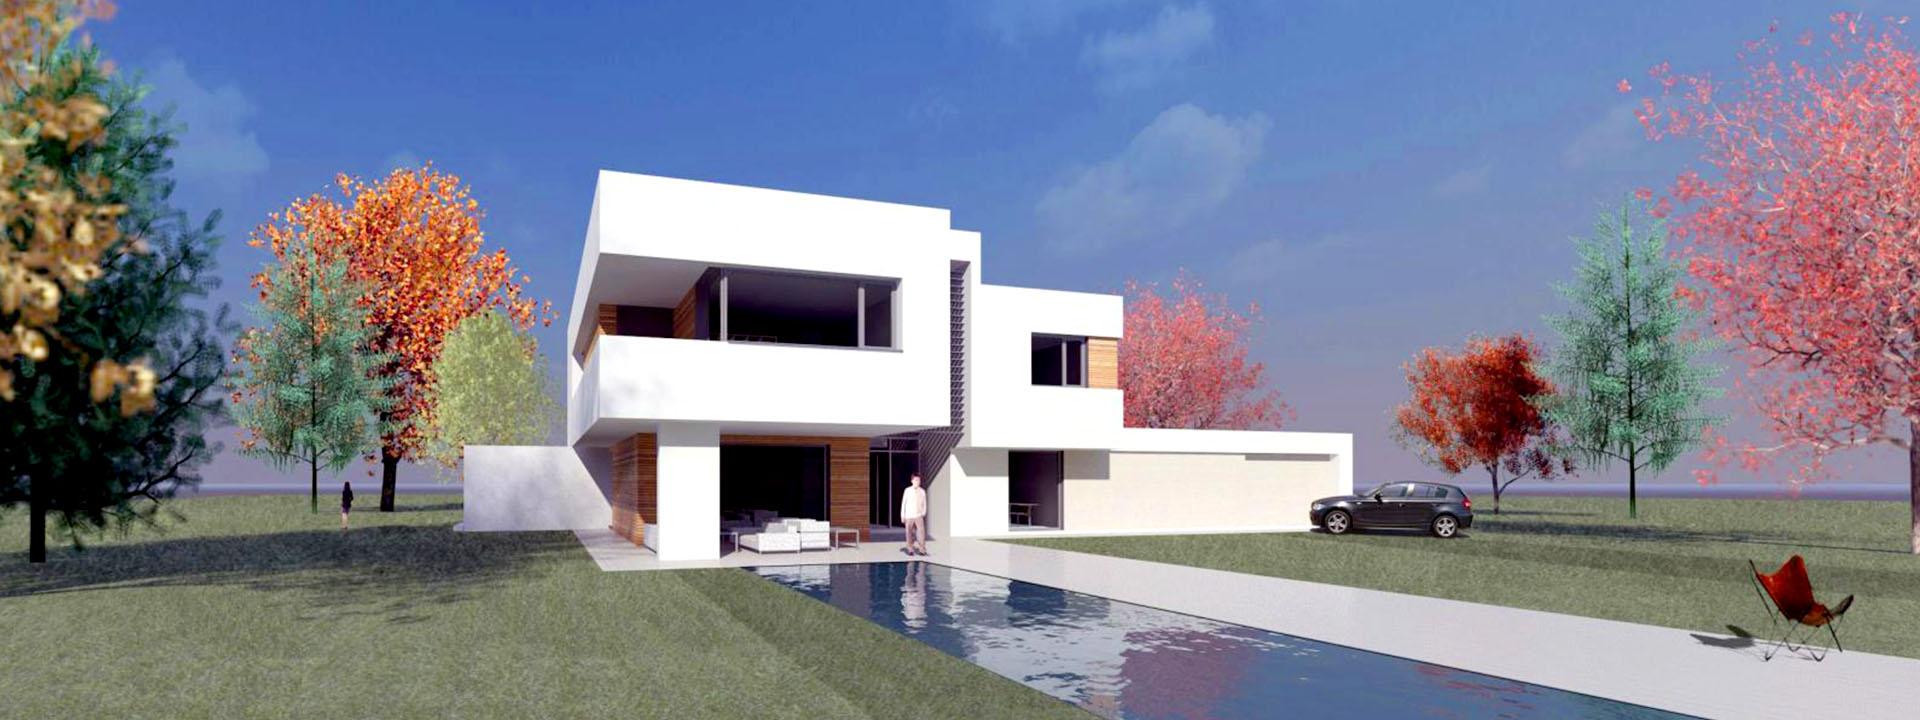 Passivhaus y casas pasivas en Palencia